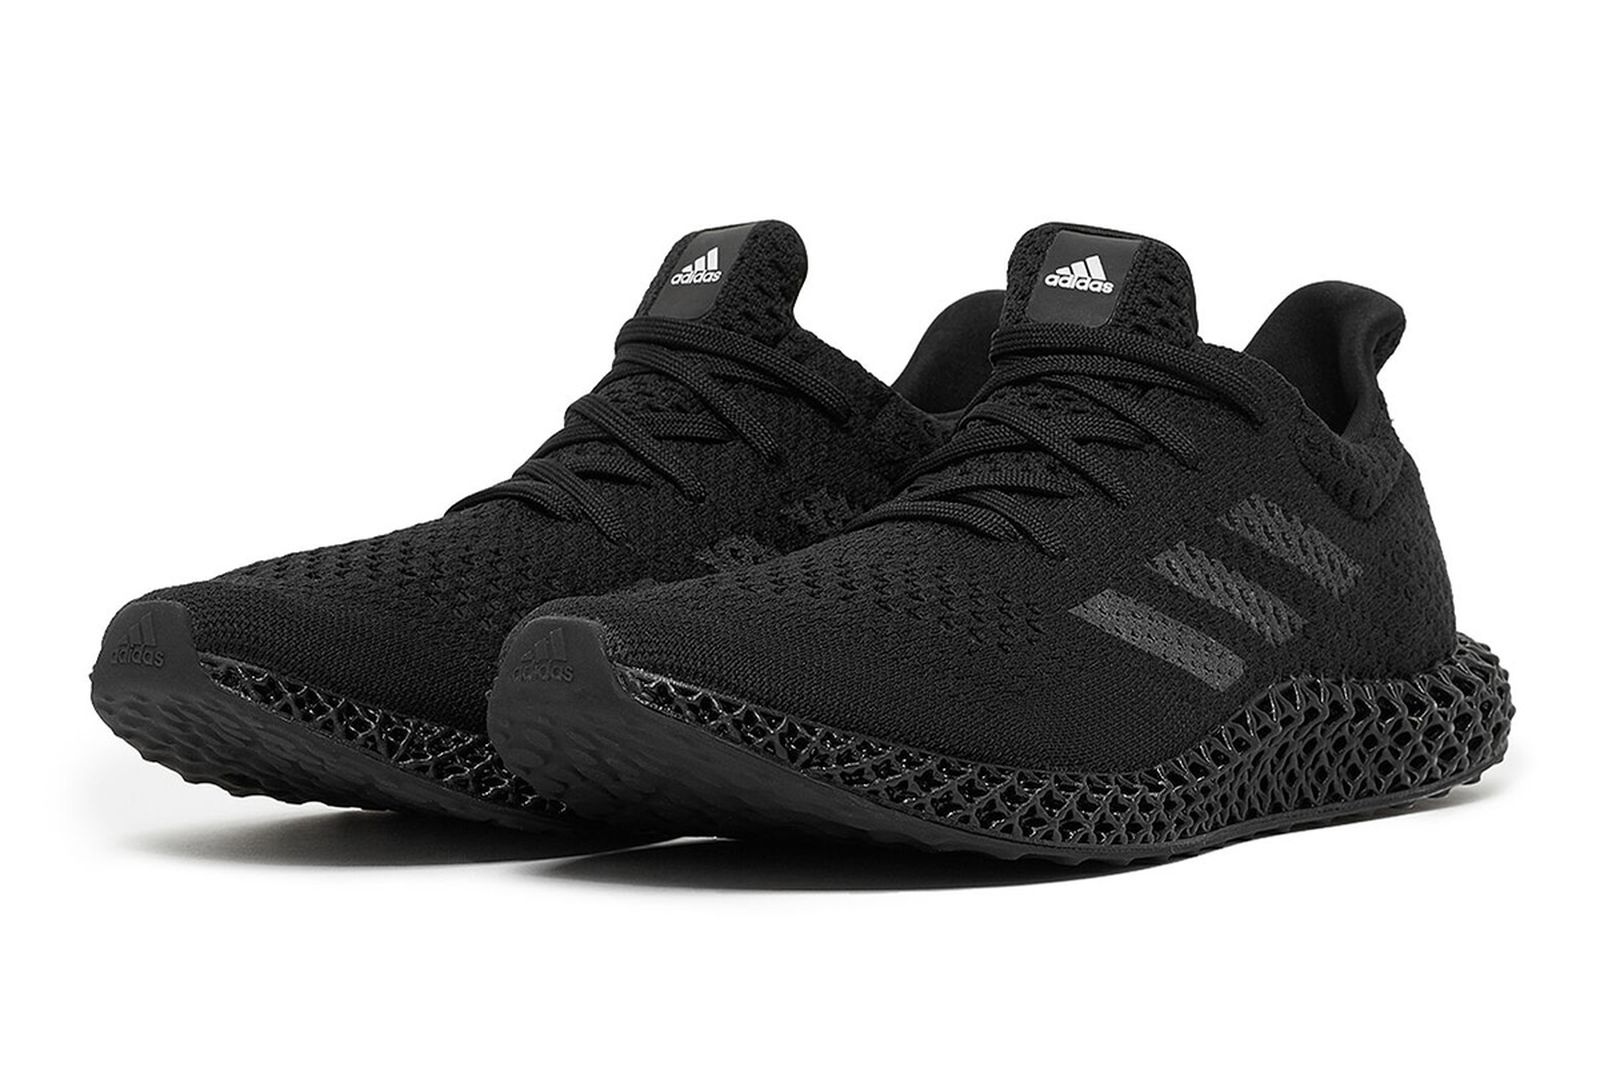 adidas-4d-futurecraft-triple-black-release-date-price-06